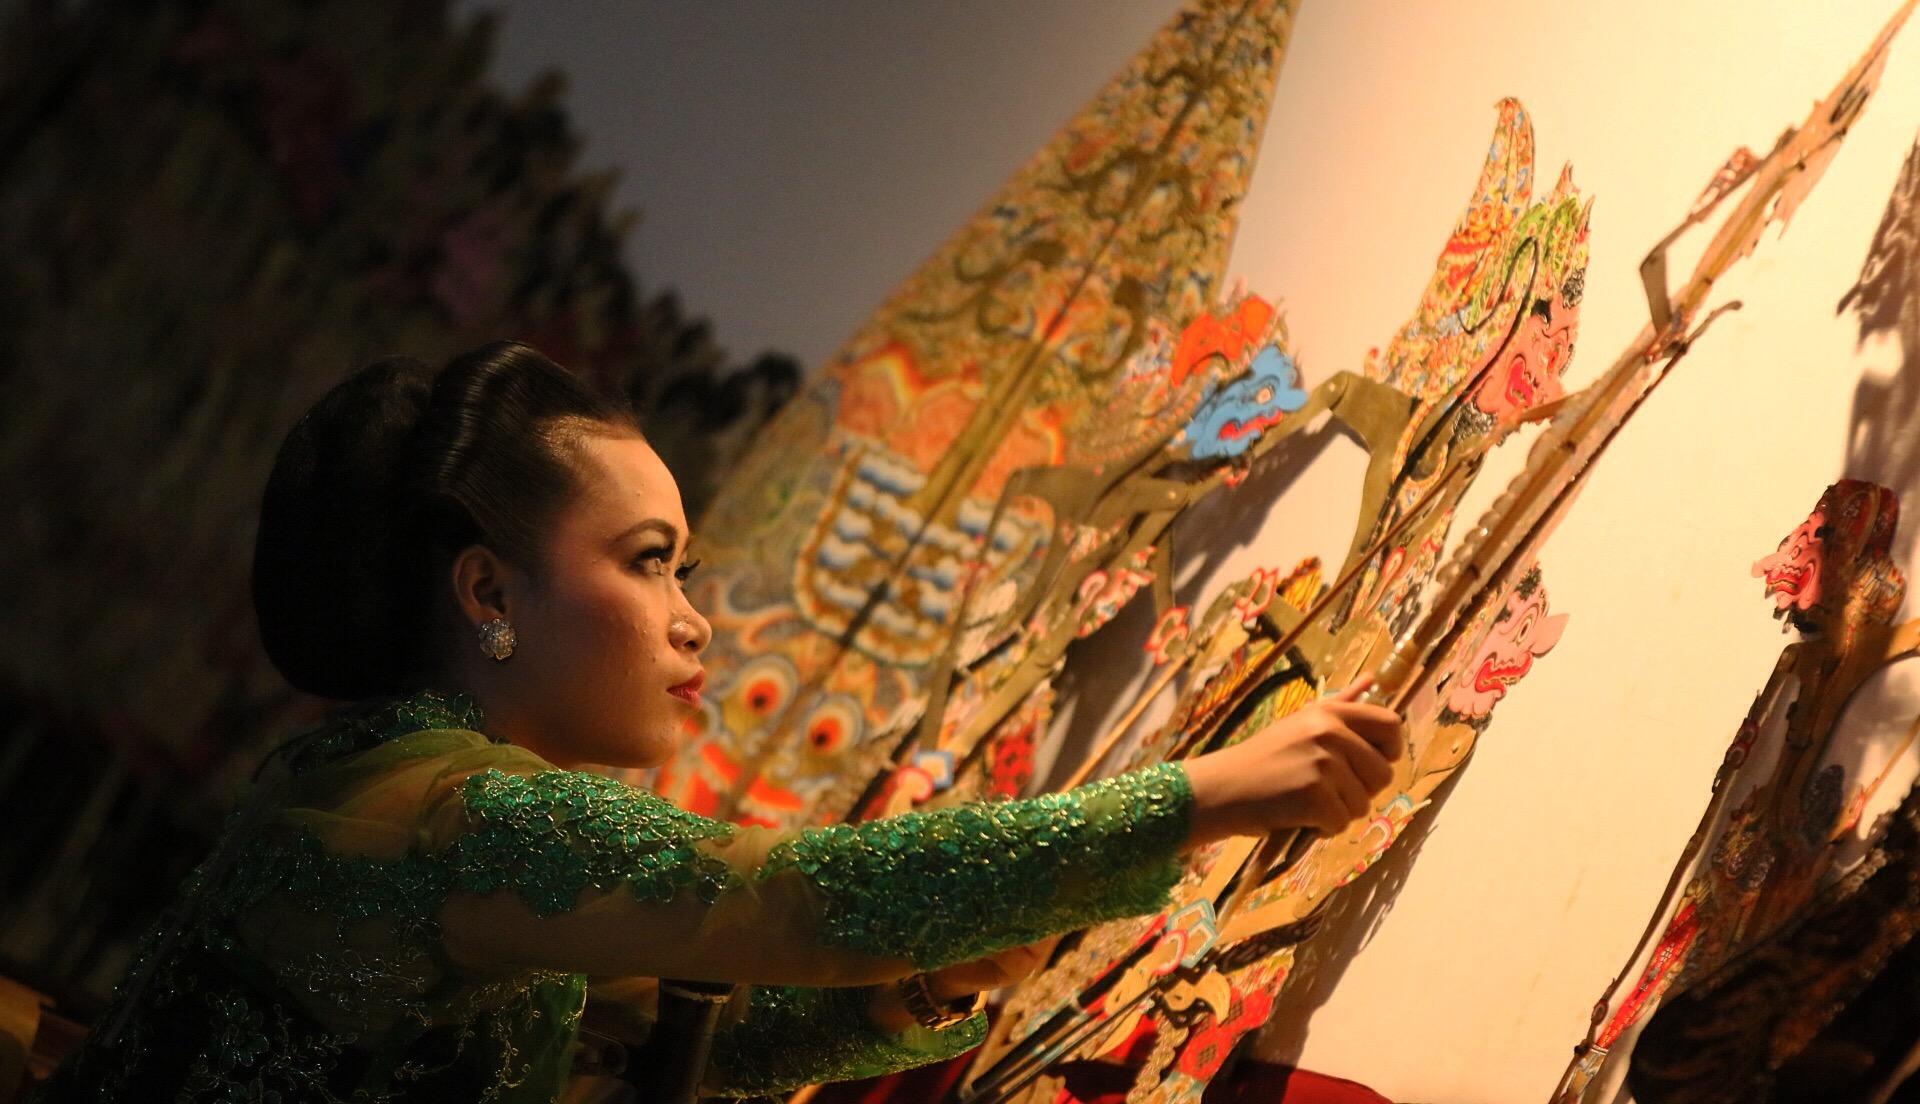 Mahasiswa Prodi Sastra Jawa Unnes Jadi Dalang di Museum Ronggowarsito